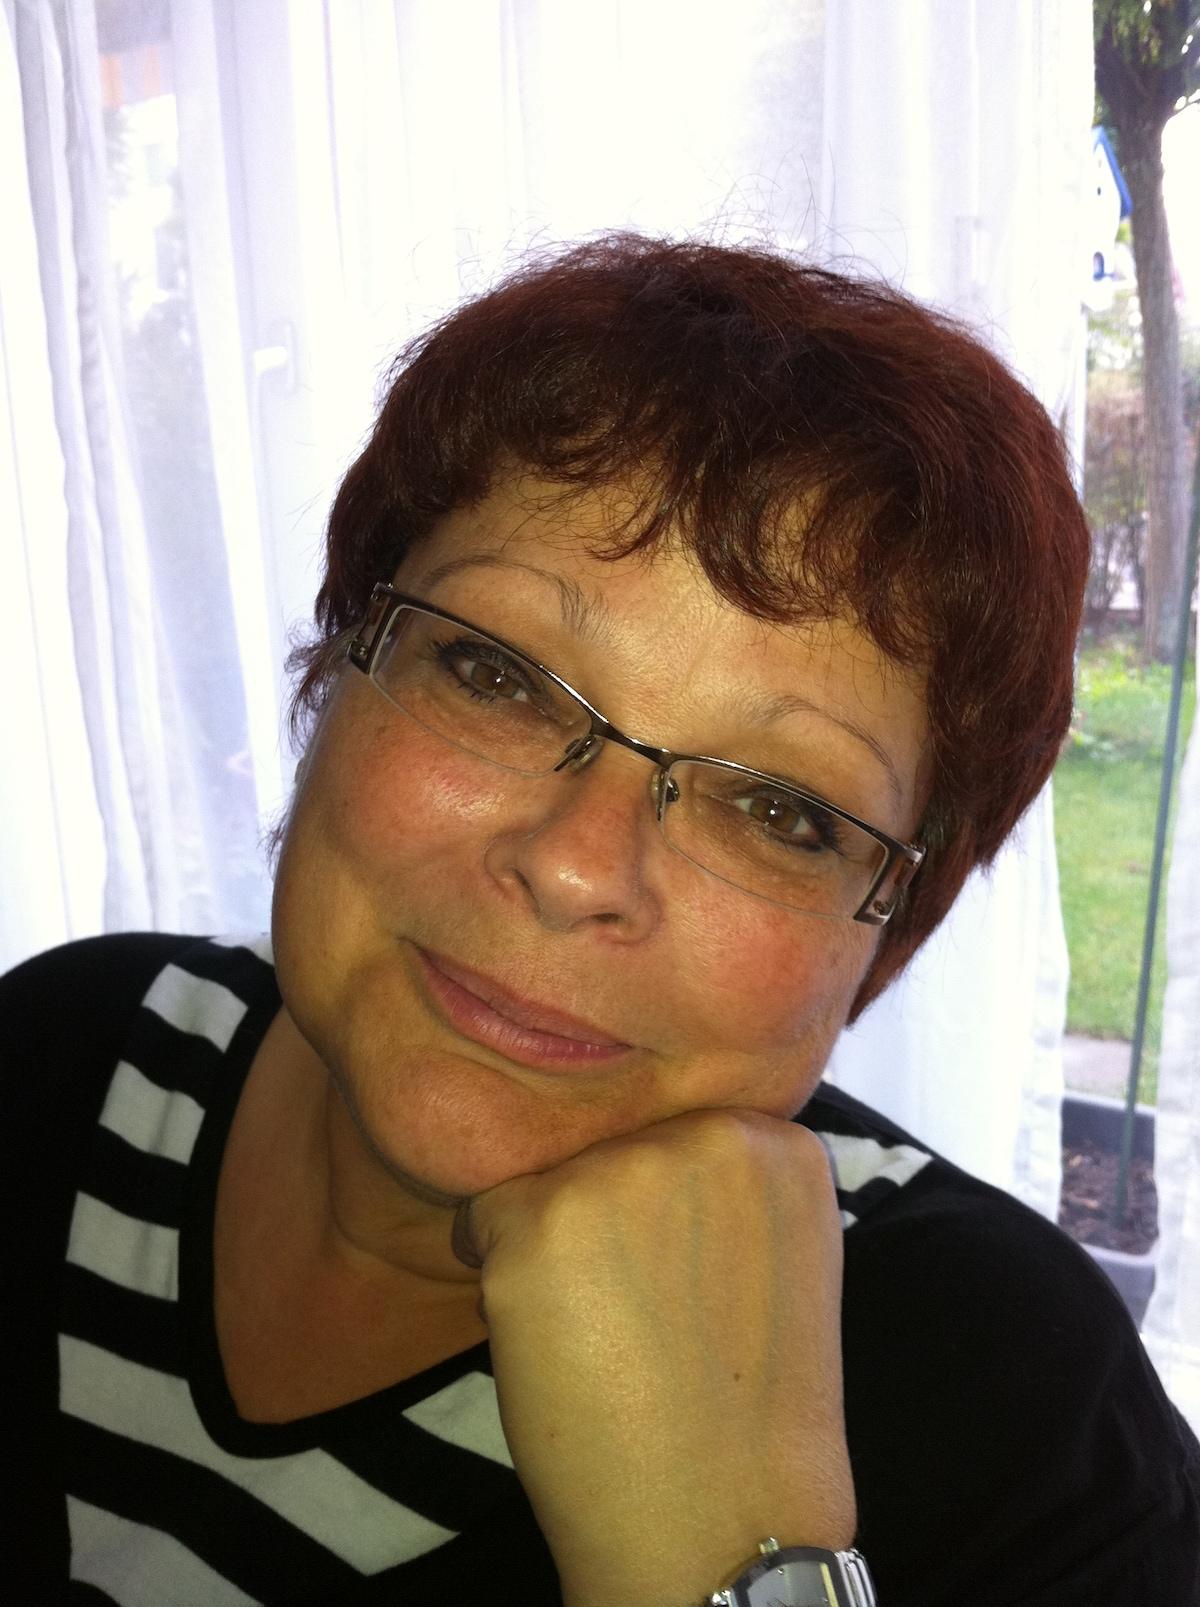 Wilma from Zweisimmen